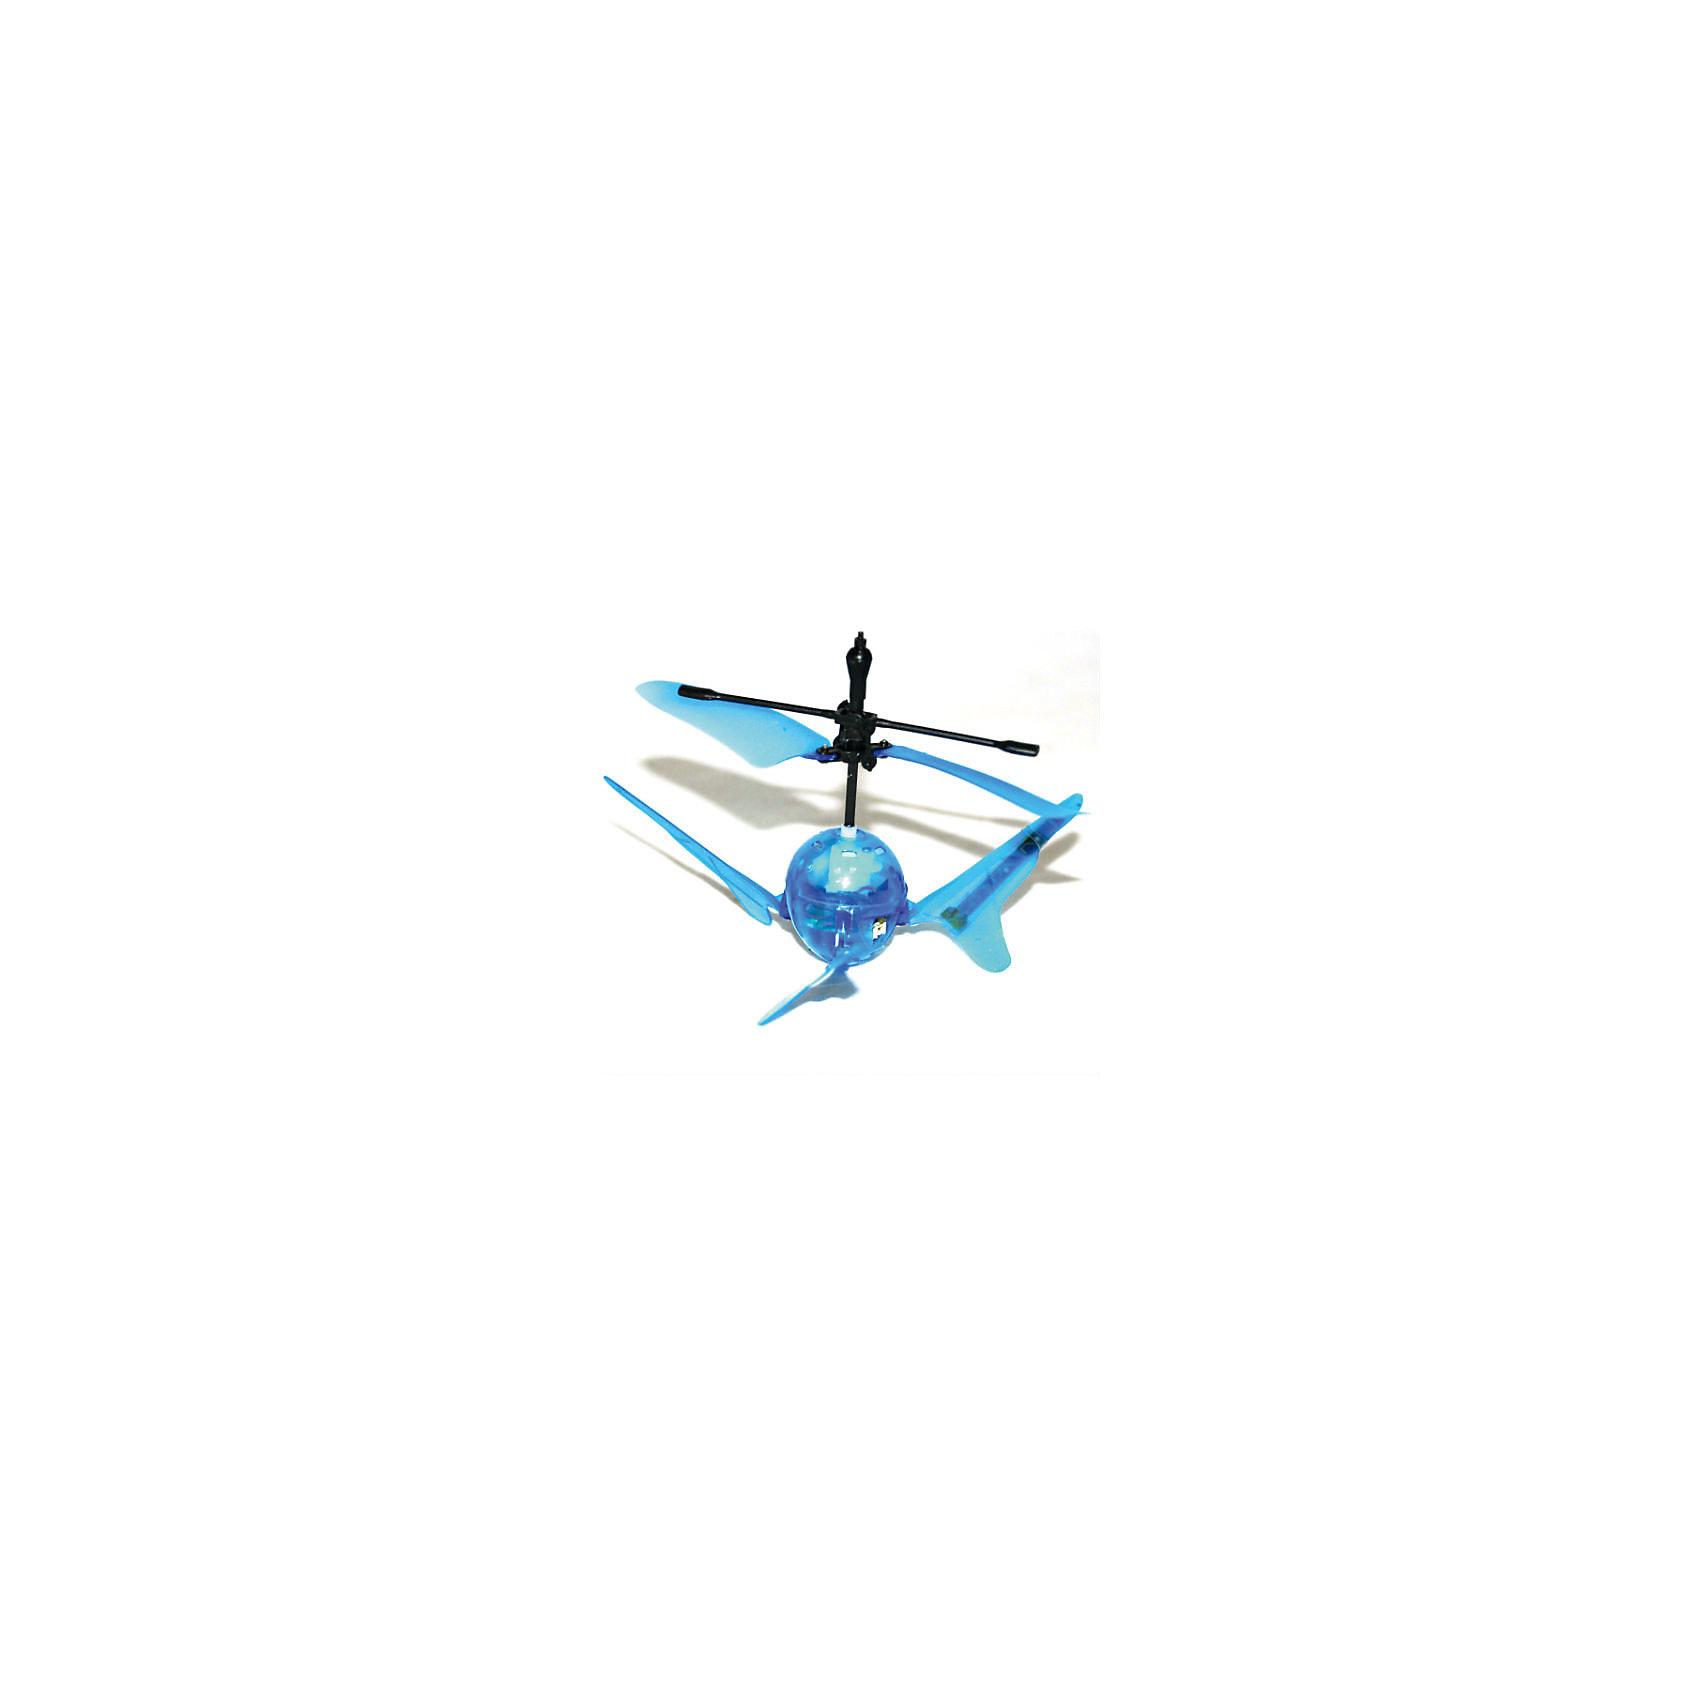 Вертолет Супер Светлячок на и/у со световыми эффектами, голубой, Властелин небесВертолет Супер Светлячок на и/у со световыми эффектами, голубой, Властелин небес<br><br>Характеристики:<br><br>• вертолет очень похож на светлячка<br>• светится в темноте<br>• оригинальный дизайн и небольшие размеры<br>• поднимается вверх, опускается вниз и зависает в воздухе<br>• светящиеся сигнальные огни<br>• инфракрасное и сенсорное управление<br>• полная зарядка за 20 минут<br>• расстояние до пульта: 7 метров<br>• вертолет, аккумулятор 3,7V, зарядное устройство<br>• размер вертолета: 9х5х5 см<br>• материал: пластик, металл<br>• вес: 319 грамм<br>• размер упаковки: 15х29,5х16 см<br>• вес: 800 грамм<br>• батарейки для пульта: 3xAA / LR06 1.5V ( в комплекте)<br>• батарейки для зарядного устройства: 8xAA / LR06 1.5V ( в комплект не входят)<br>• цвет: синий<br><br>Супер Светлячок - забавный вертолет на инфракрасном управлении. Своим видом он напоминает маленького светлячка. Также, подобно светлячку, вертолет светится в темноте и освещает помещение сигнальными огнями. Супер Светлячок умеет летать вверх и вниз, а также зависает в воздухе. Есть возможность выбора управления: сенсорное и ручное. Время полета составляет до 10 минут, время полной подзарядки - 20 минут. Вертолет может летать на расстоянии до 7 метров от пульта управления. Супер Светлячок очарует своими огоньками и детей, и взрослых!<br>Для работы необходимы батарейки.<br><br>Вертолет Супер Светлячок на и/у со световыми эффектами, голубой, Властелин небес можно купить в нашем интернет-магазине.<br><br>Ширина мм: 130<br>Глубина мм: 185<br>Высота мм: 155<br>Вес г: 320<br>Возраст от месяцев: 108<br>Возраст до месяцев: 2147483647<br>Пол: Мужской<br>Возраст: Детский<br>SKU: 5397085